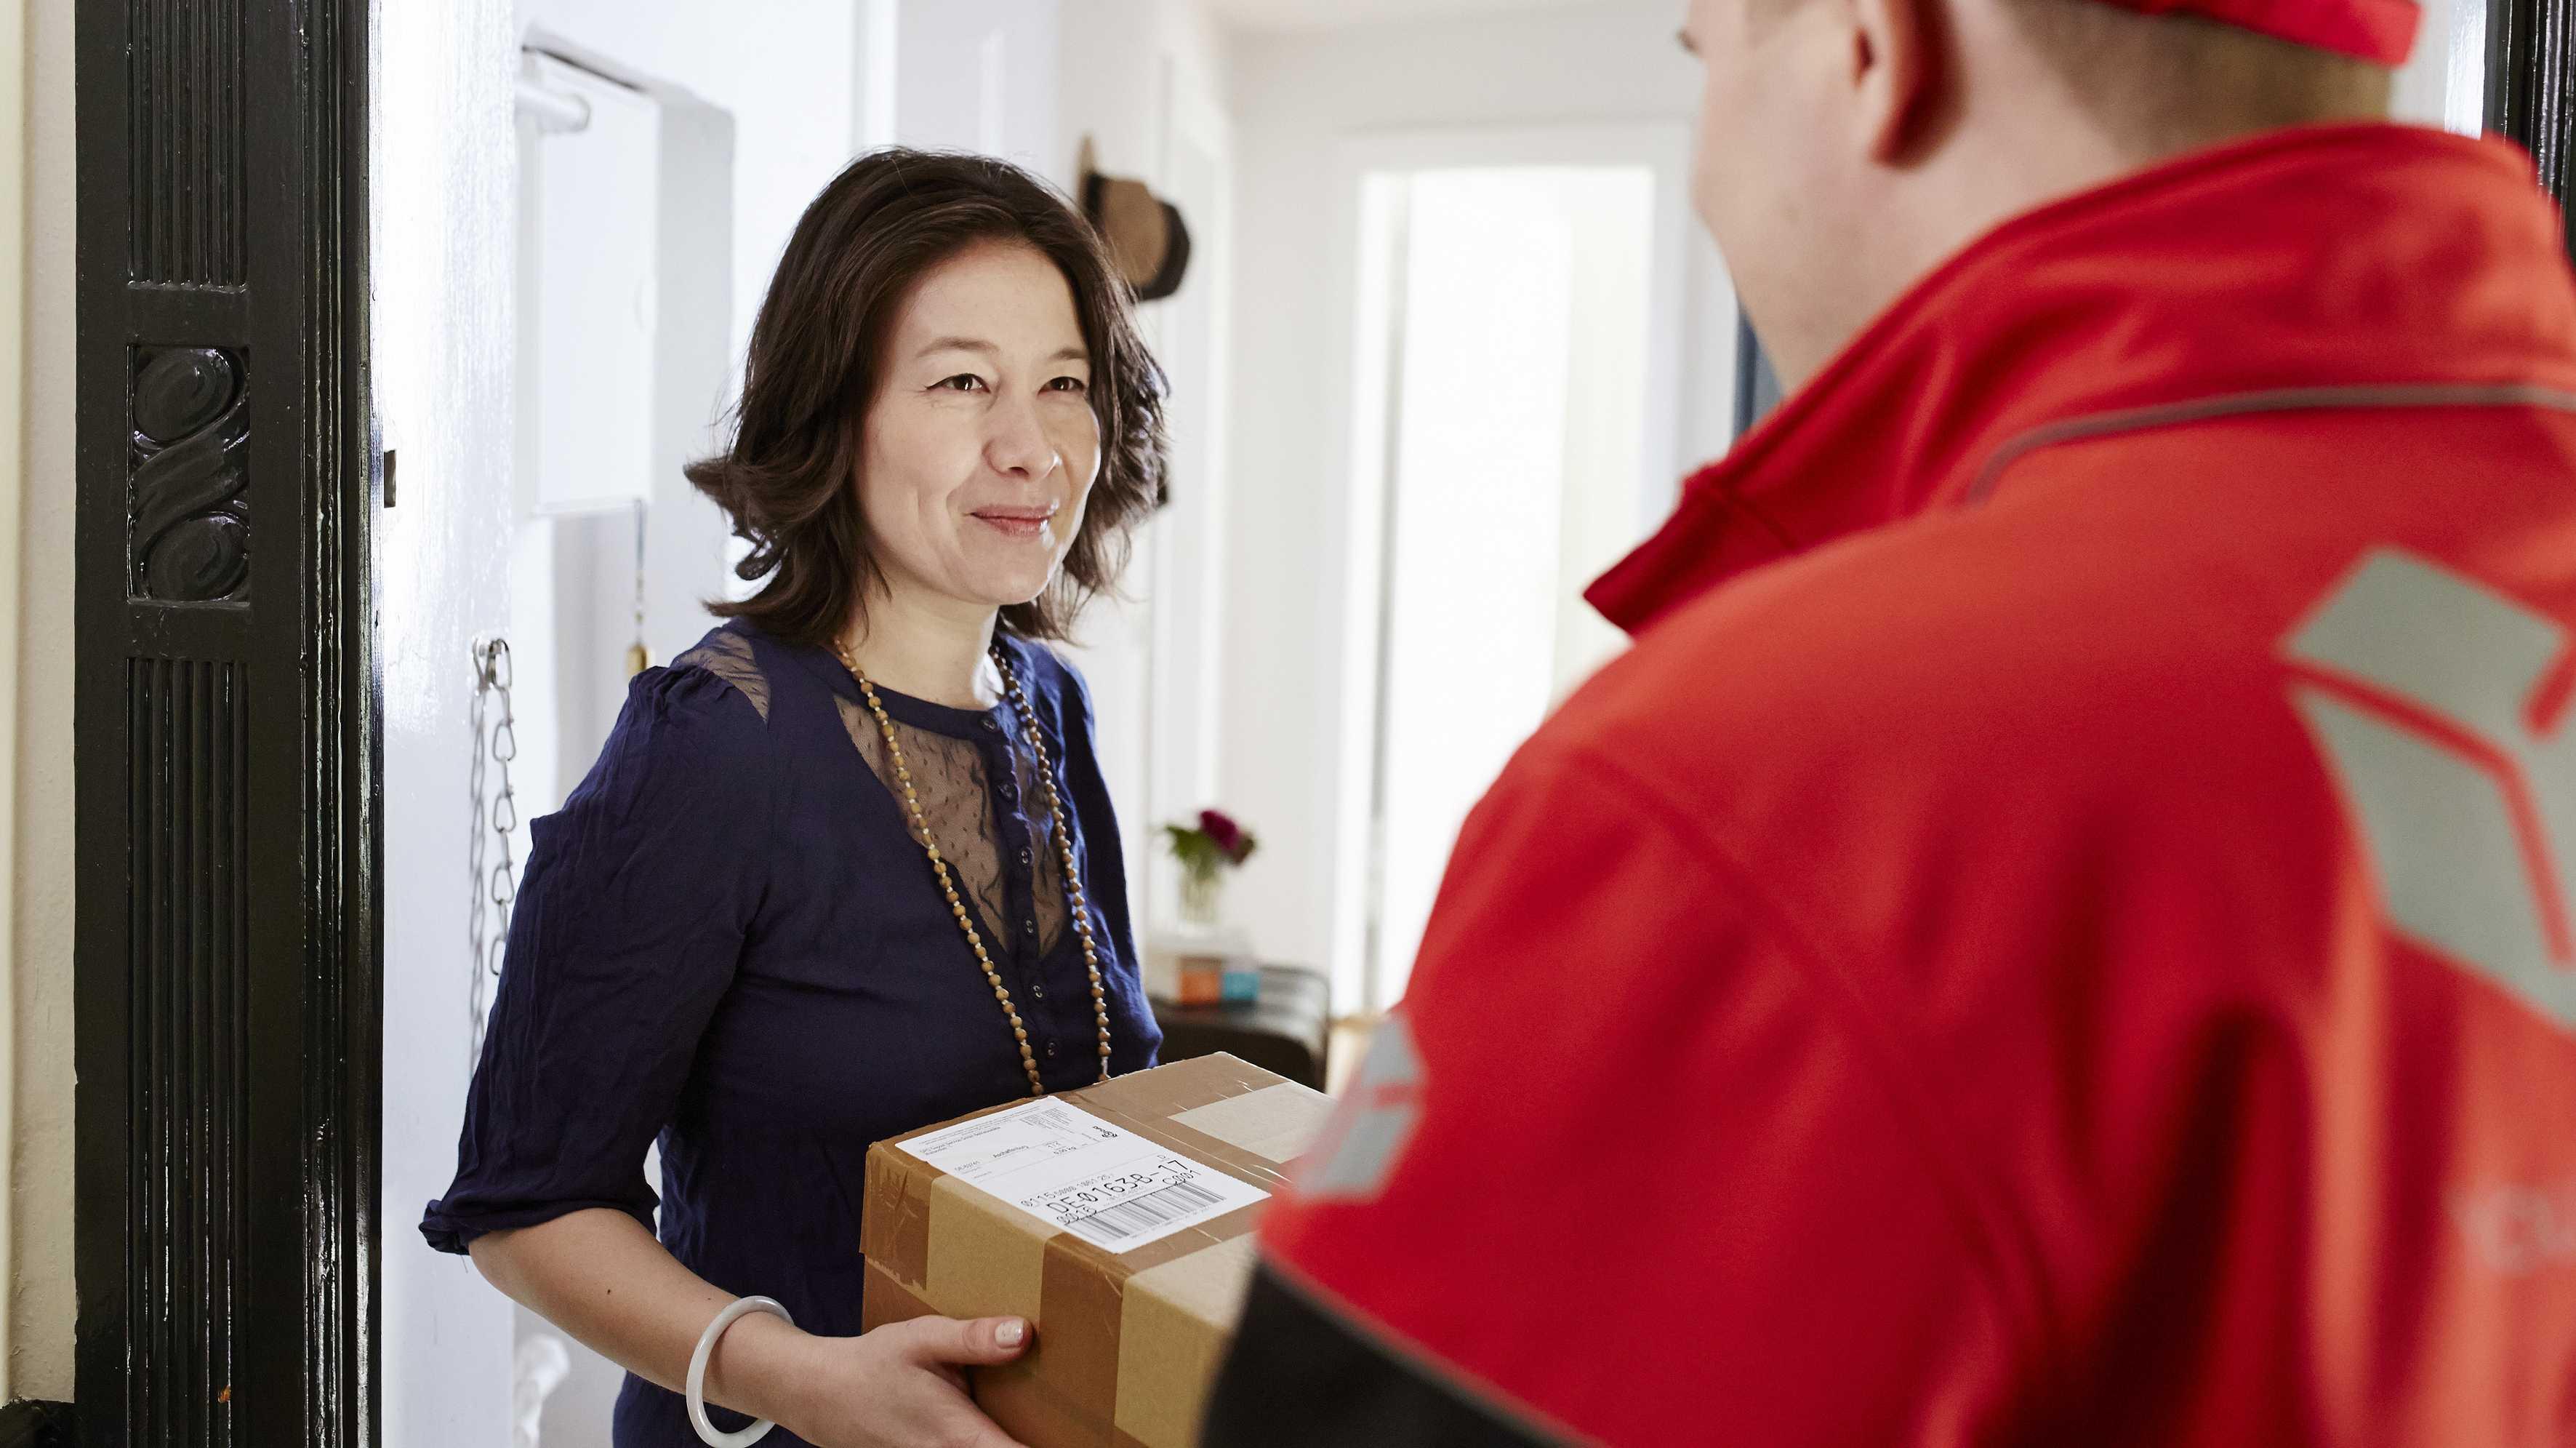 Online-Shopping: Paketbranche erwägt Preiserhöhung bei Haustür-Lieferung